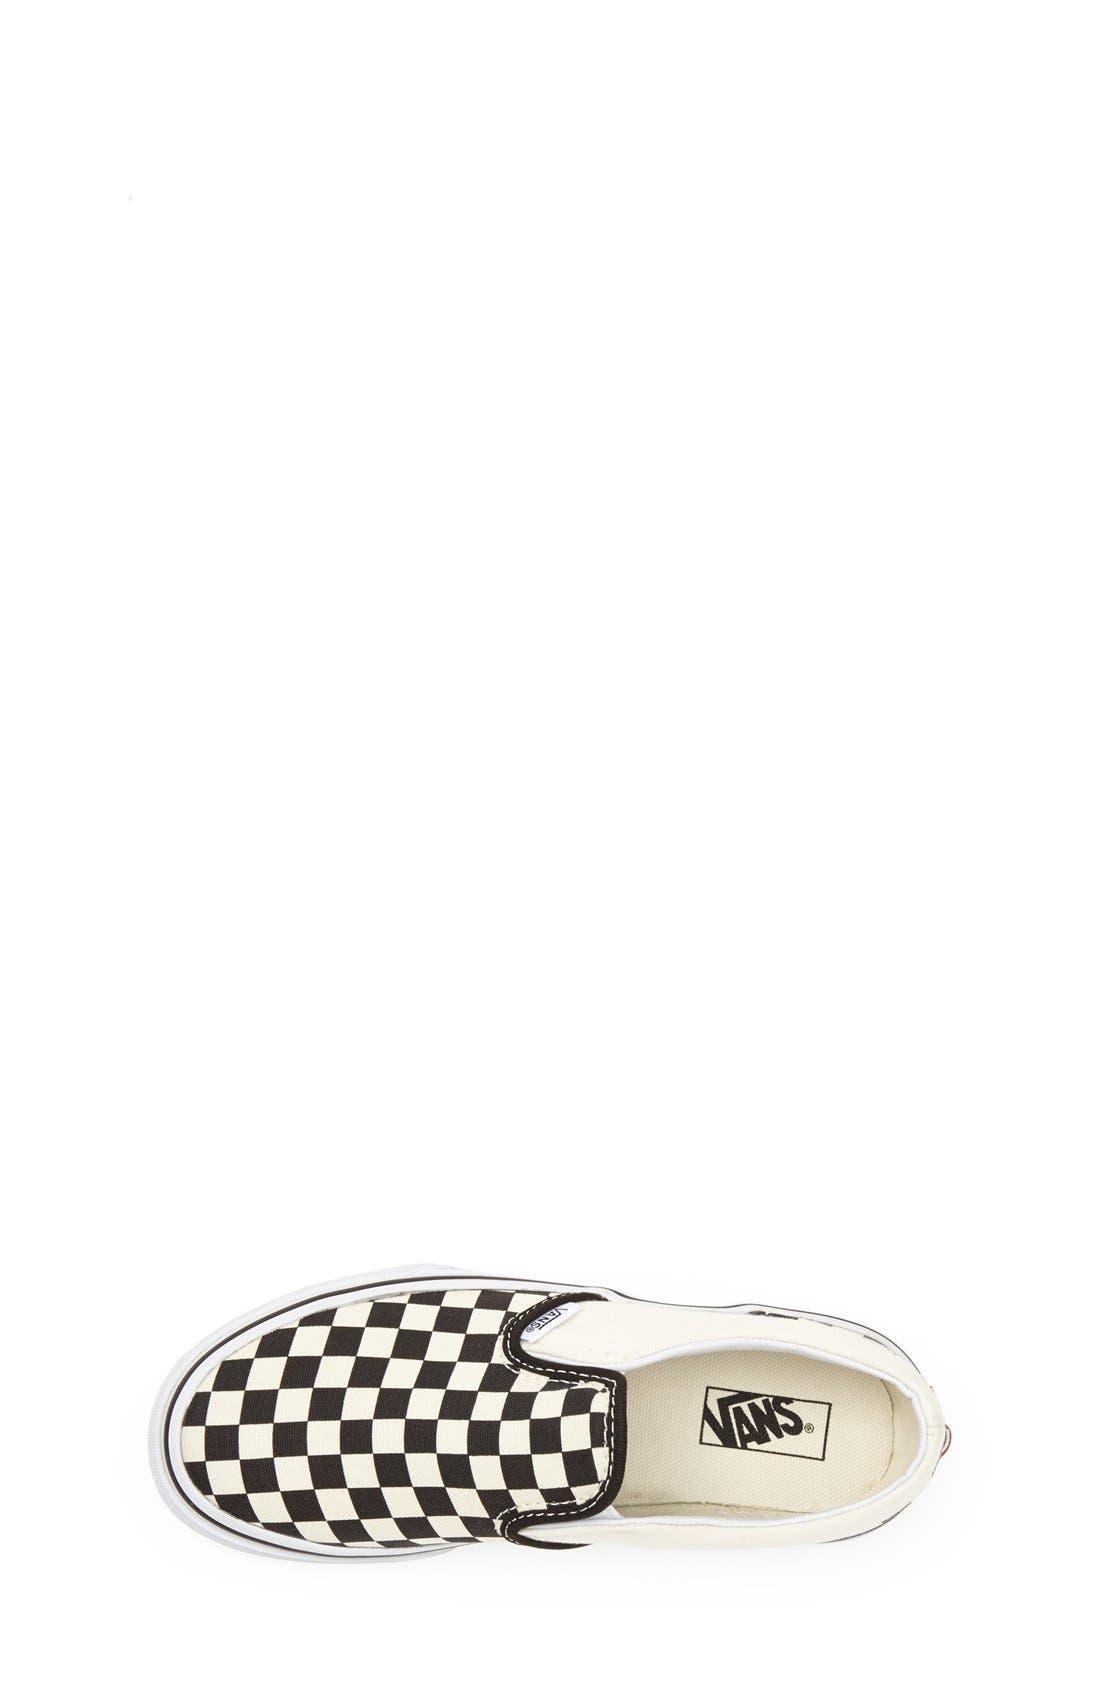 'Classic - Checkerboard' Slip-On,                             Alternate thumbnail 5, color,                             BLACK/ WHITE CHECKERBOARD